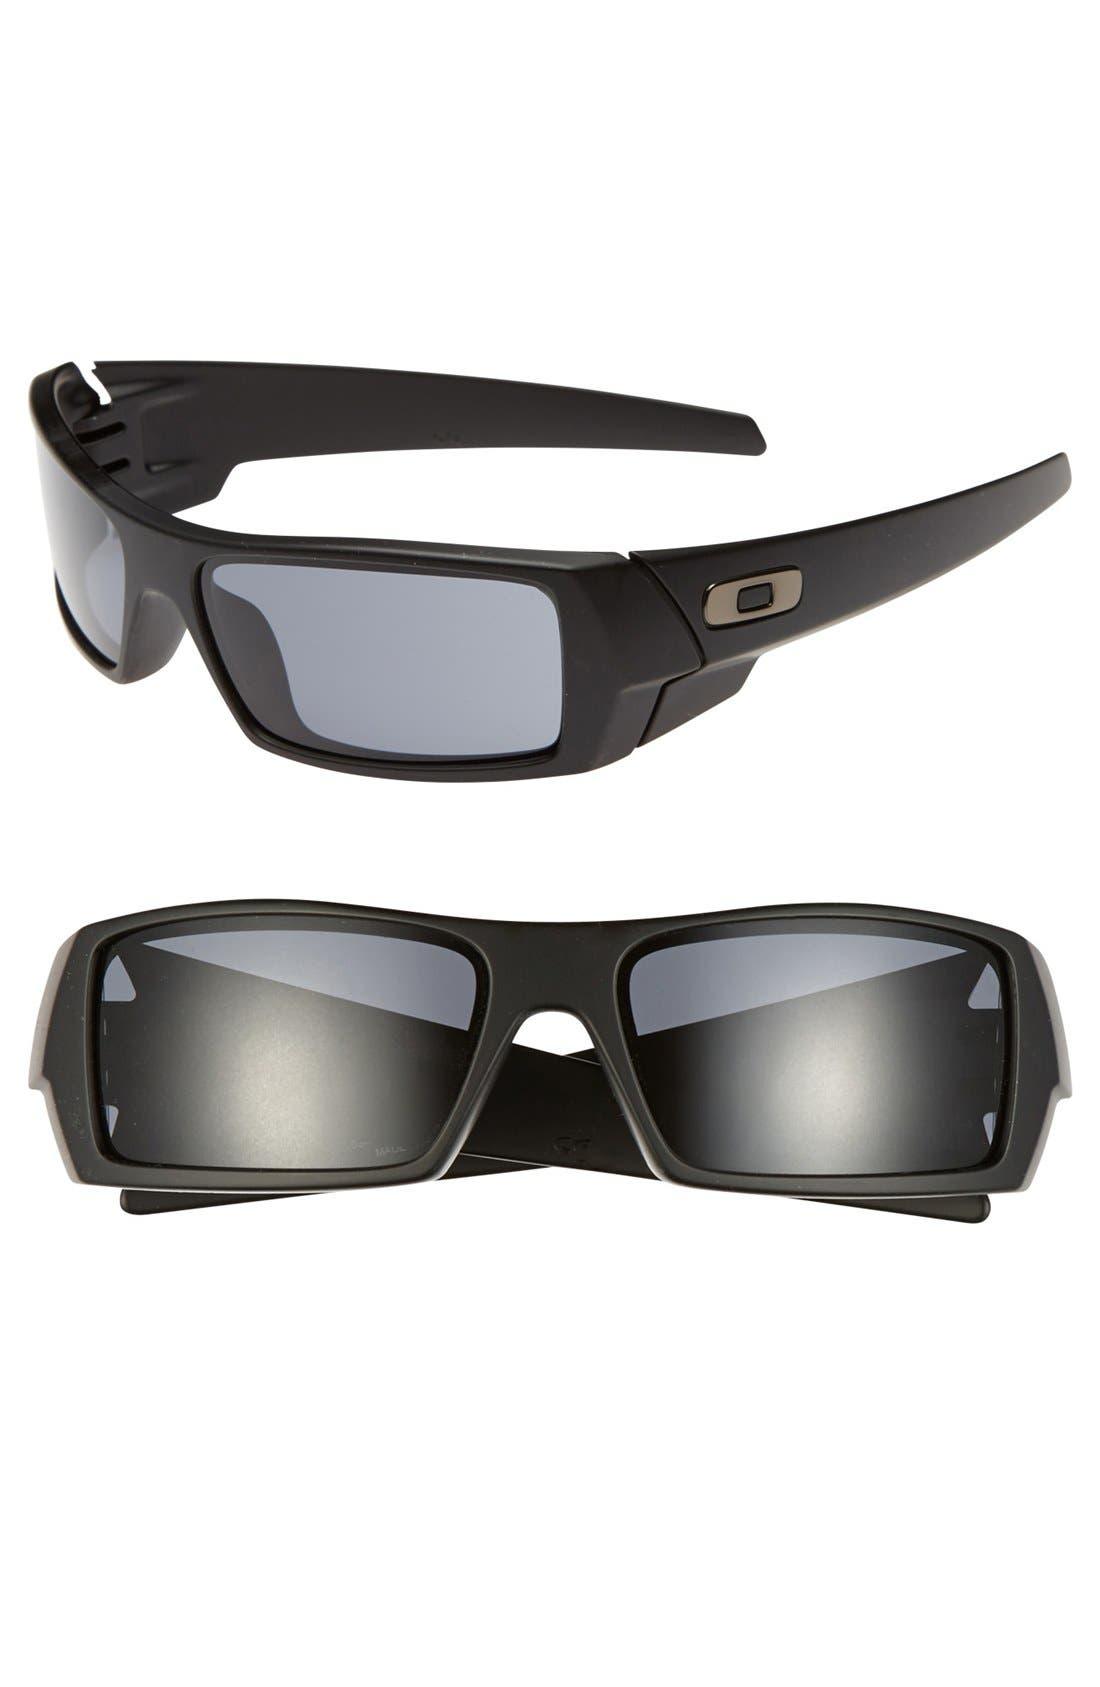 5a336d74833 Men s Sunglasses - Oakley